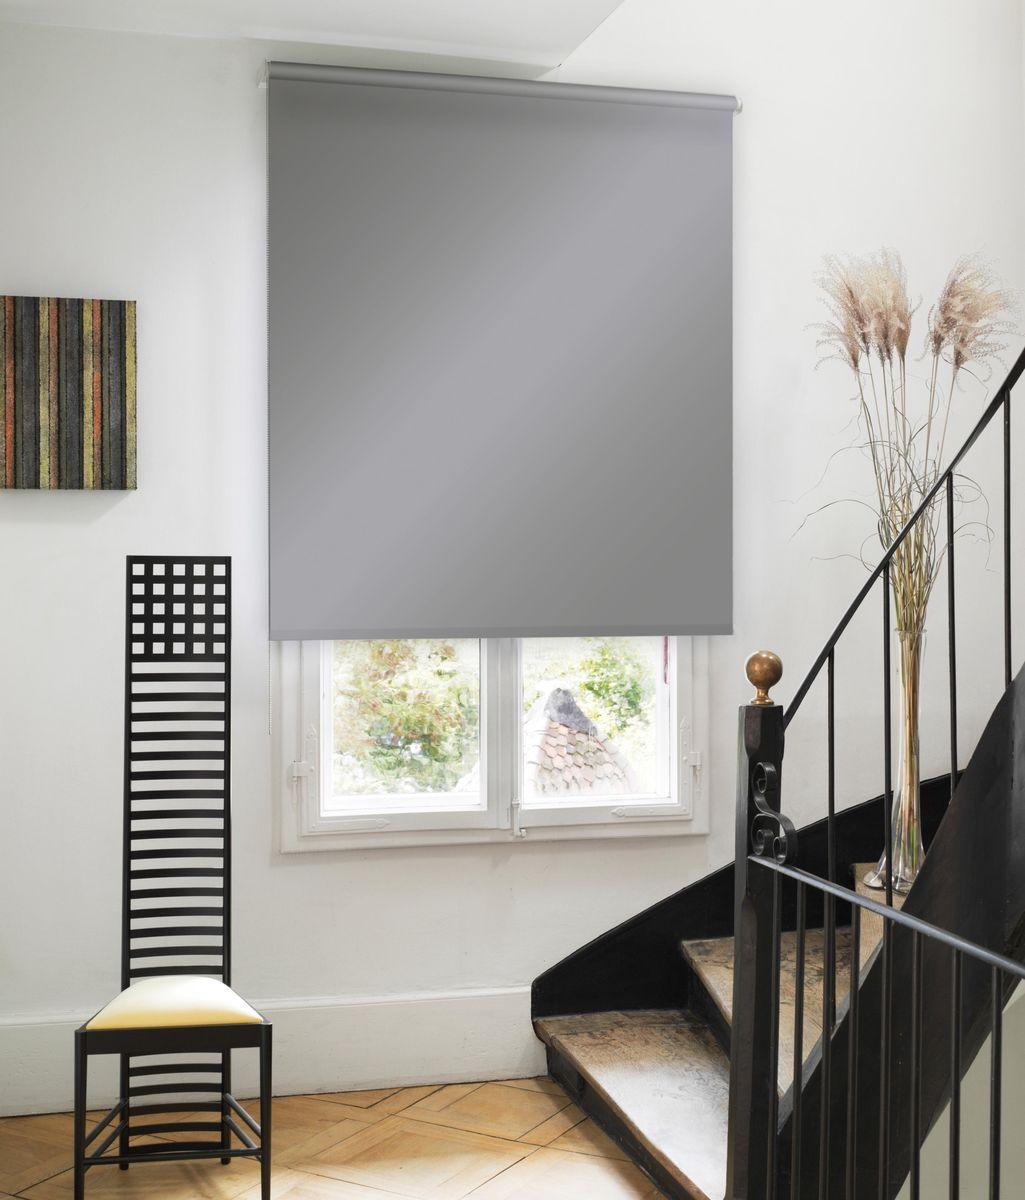 Штора рулонная Эскар, цвет: серый, ширина 60 см, высота 170 см81020060170Рулонными шторами можно оформлять окна как самостоятельно, так и использовать в комбинации с портьерами. Это поможет предотвратить выгорание дорогой ткани на солнце и соединит функционал рулонных с красотой навесных.Преимущества применения рулонных штор для пластиковых окон:- имеют прекрасный внешний вид: многообразие и фактурность материала изделия отлично смотрятся в любом интерьере; - многофункциональны: есть возможность подобрать шторы способные эффективно защитить комнату от солнца, при этом о на не будет слишком темной. - Есть возможность осуществить быстрый монтаж. ВНИМАНИЕ! Размеры ширины изделия указаны по ширине ткани!Во время эксплуатации не рекомендуется полностью разматывать рулон, чтобы не оторвать ткань от намоточного вала.В случае загрязнения поверхности ткани, чистку шторы проводят одним из способов, в зависимости от типа загрязнения: легкое поверхностное загрязнение можно удалить при помощи канцелярского ластика; чистка от пыли производится сухим методом при помощи пылесоса с мягкой щеткой-насадкой; для удаления пятна используйте мягкую губку с пенообразующим неагрессивным моющим средством или пятновыводитель на натуральной основе (нельзя применять растворители).